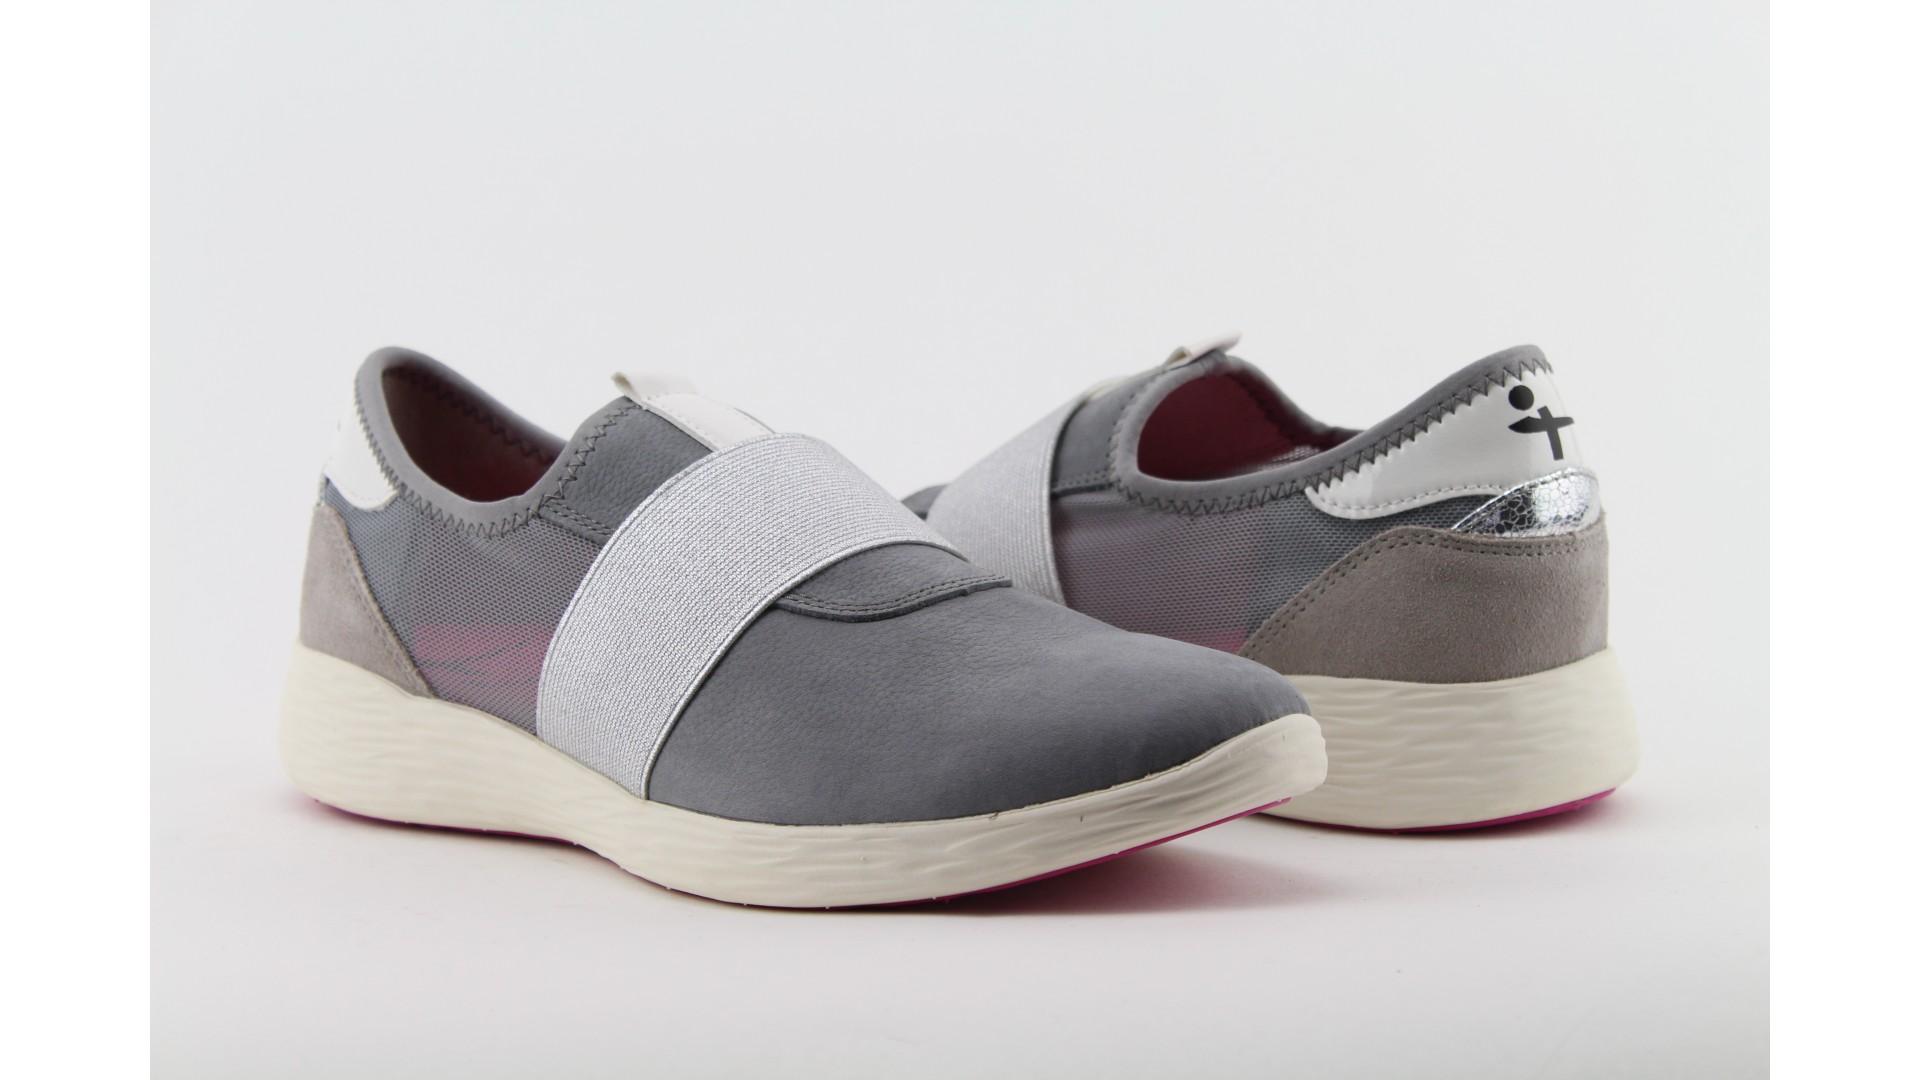 ae8f3cb1dfb6 TAMARIS szürke sneaker női cipő